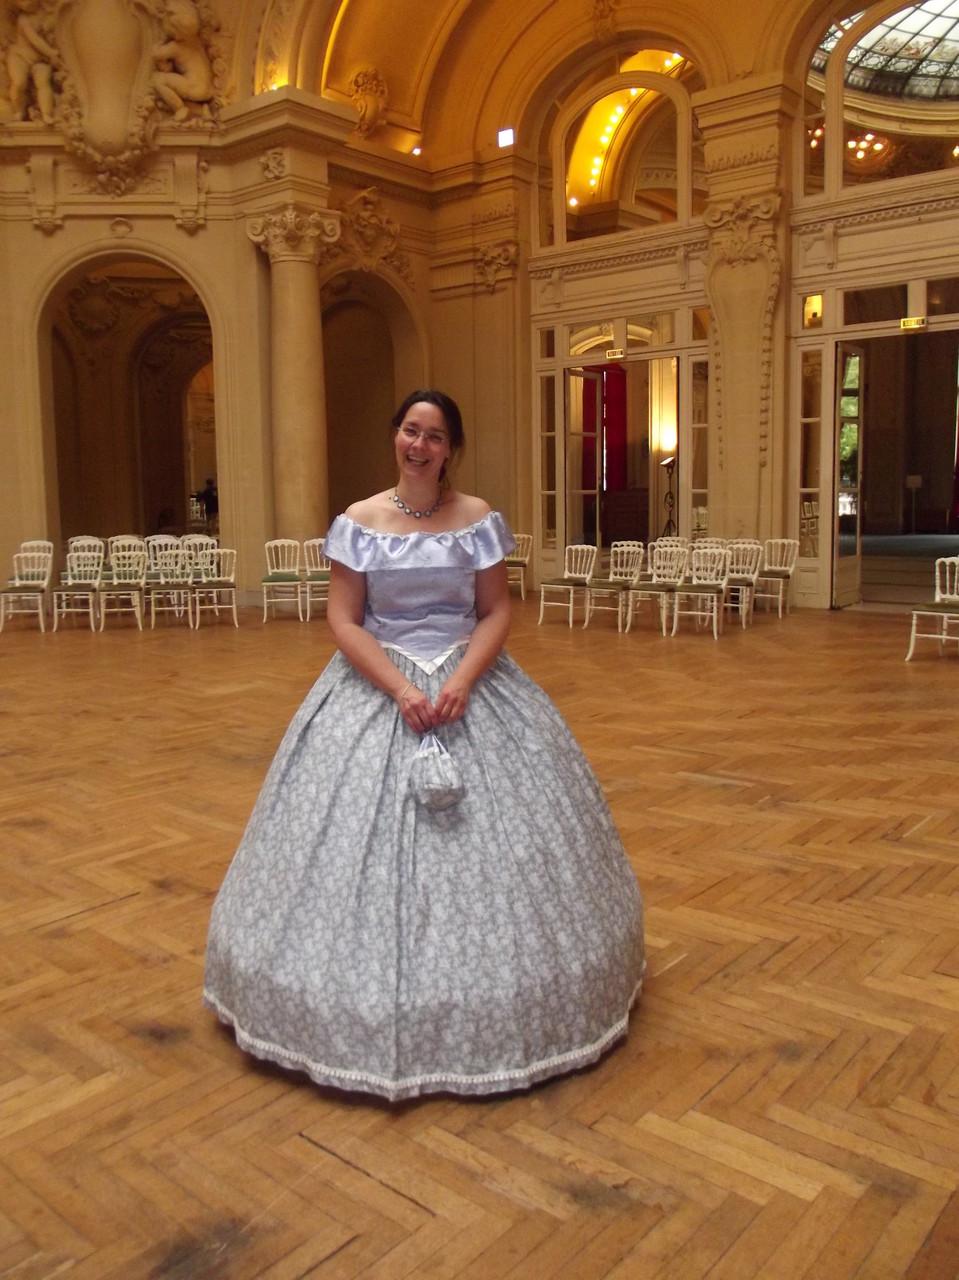 Robe second empire violet et grise - Fêtes de Napoléon III à Vichy avril 2014 - Nathalie Navarro Créations